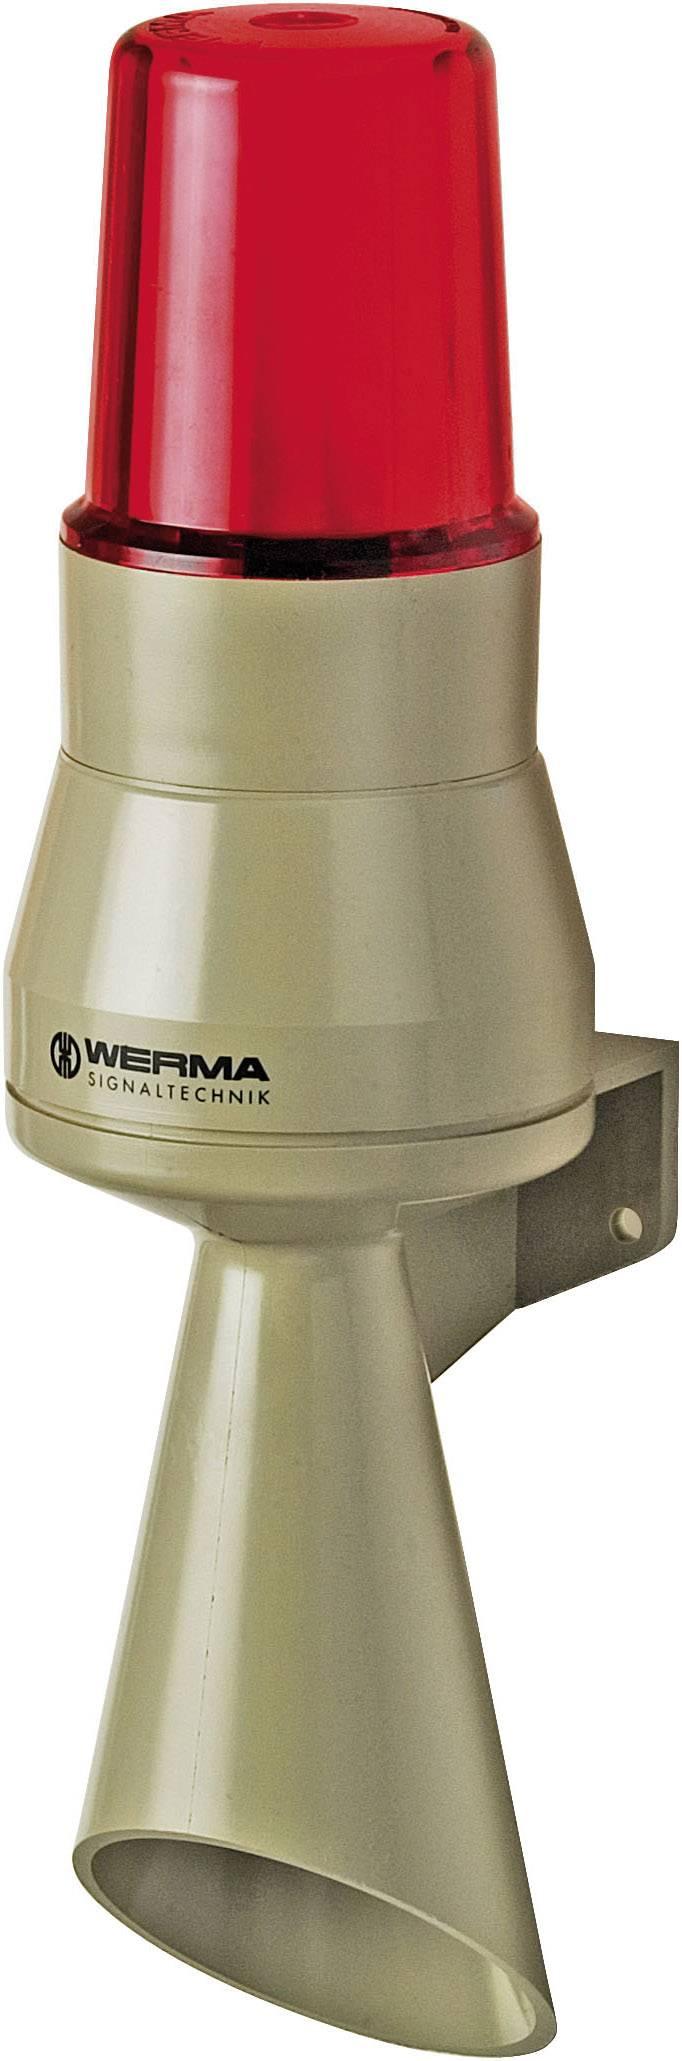 Kombinované signalizačné zariadenie Werma Signaltechnik 580.152.55, 92 dB, 24 V/DC, trvalé svetlo, červená